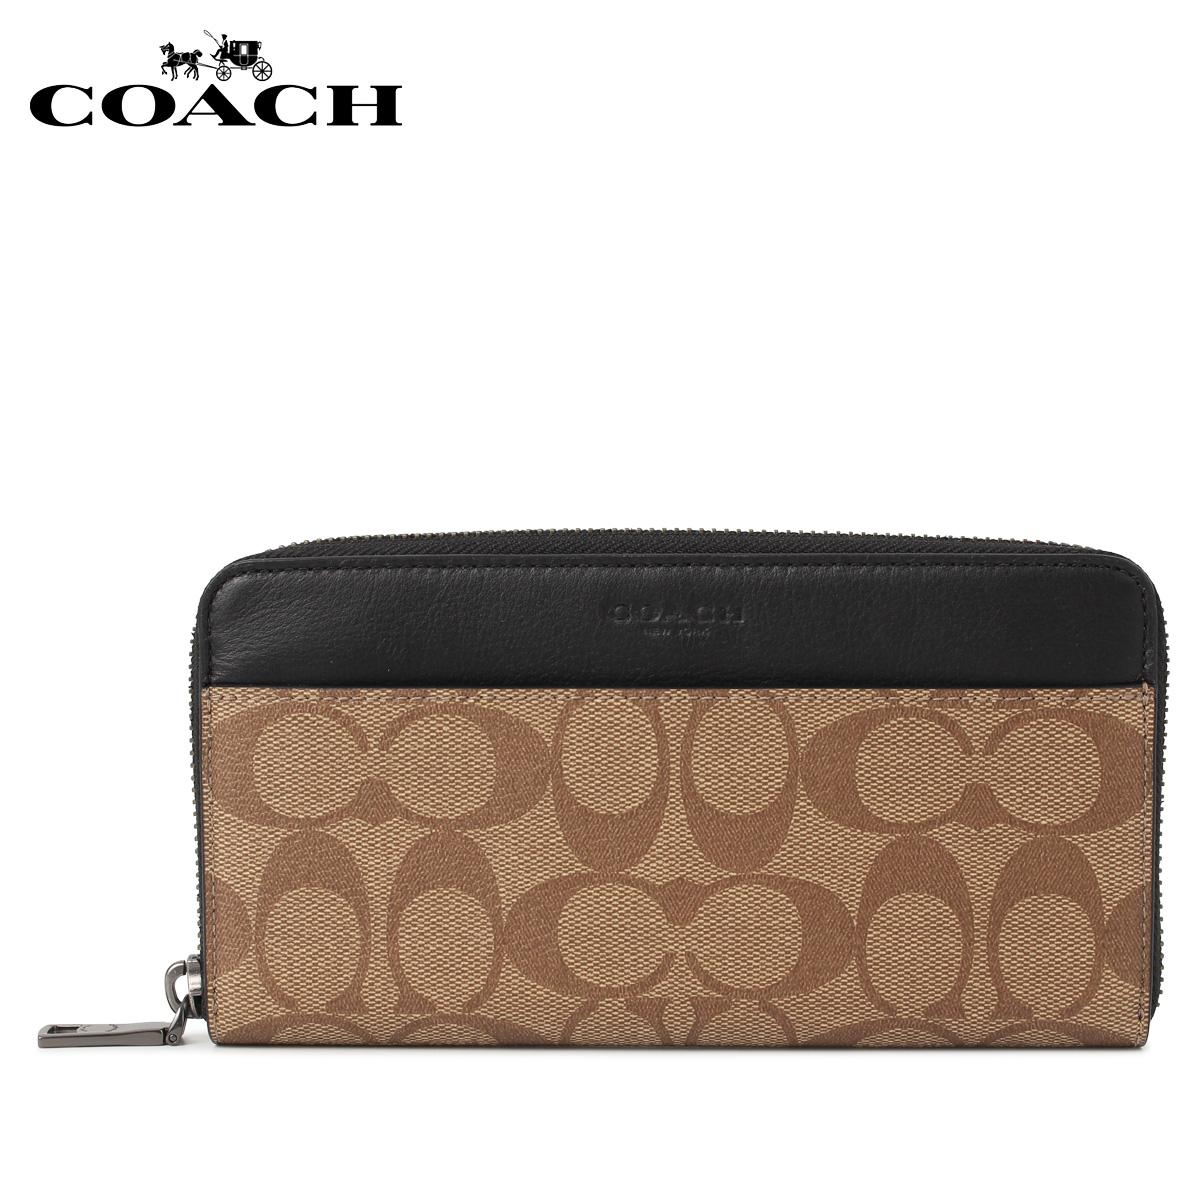 COACH F58112-QBTN2 コーチ 財布 長財布 レディース ラウンドファスナー ブラウン [11/25 新入荷]